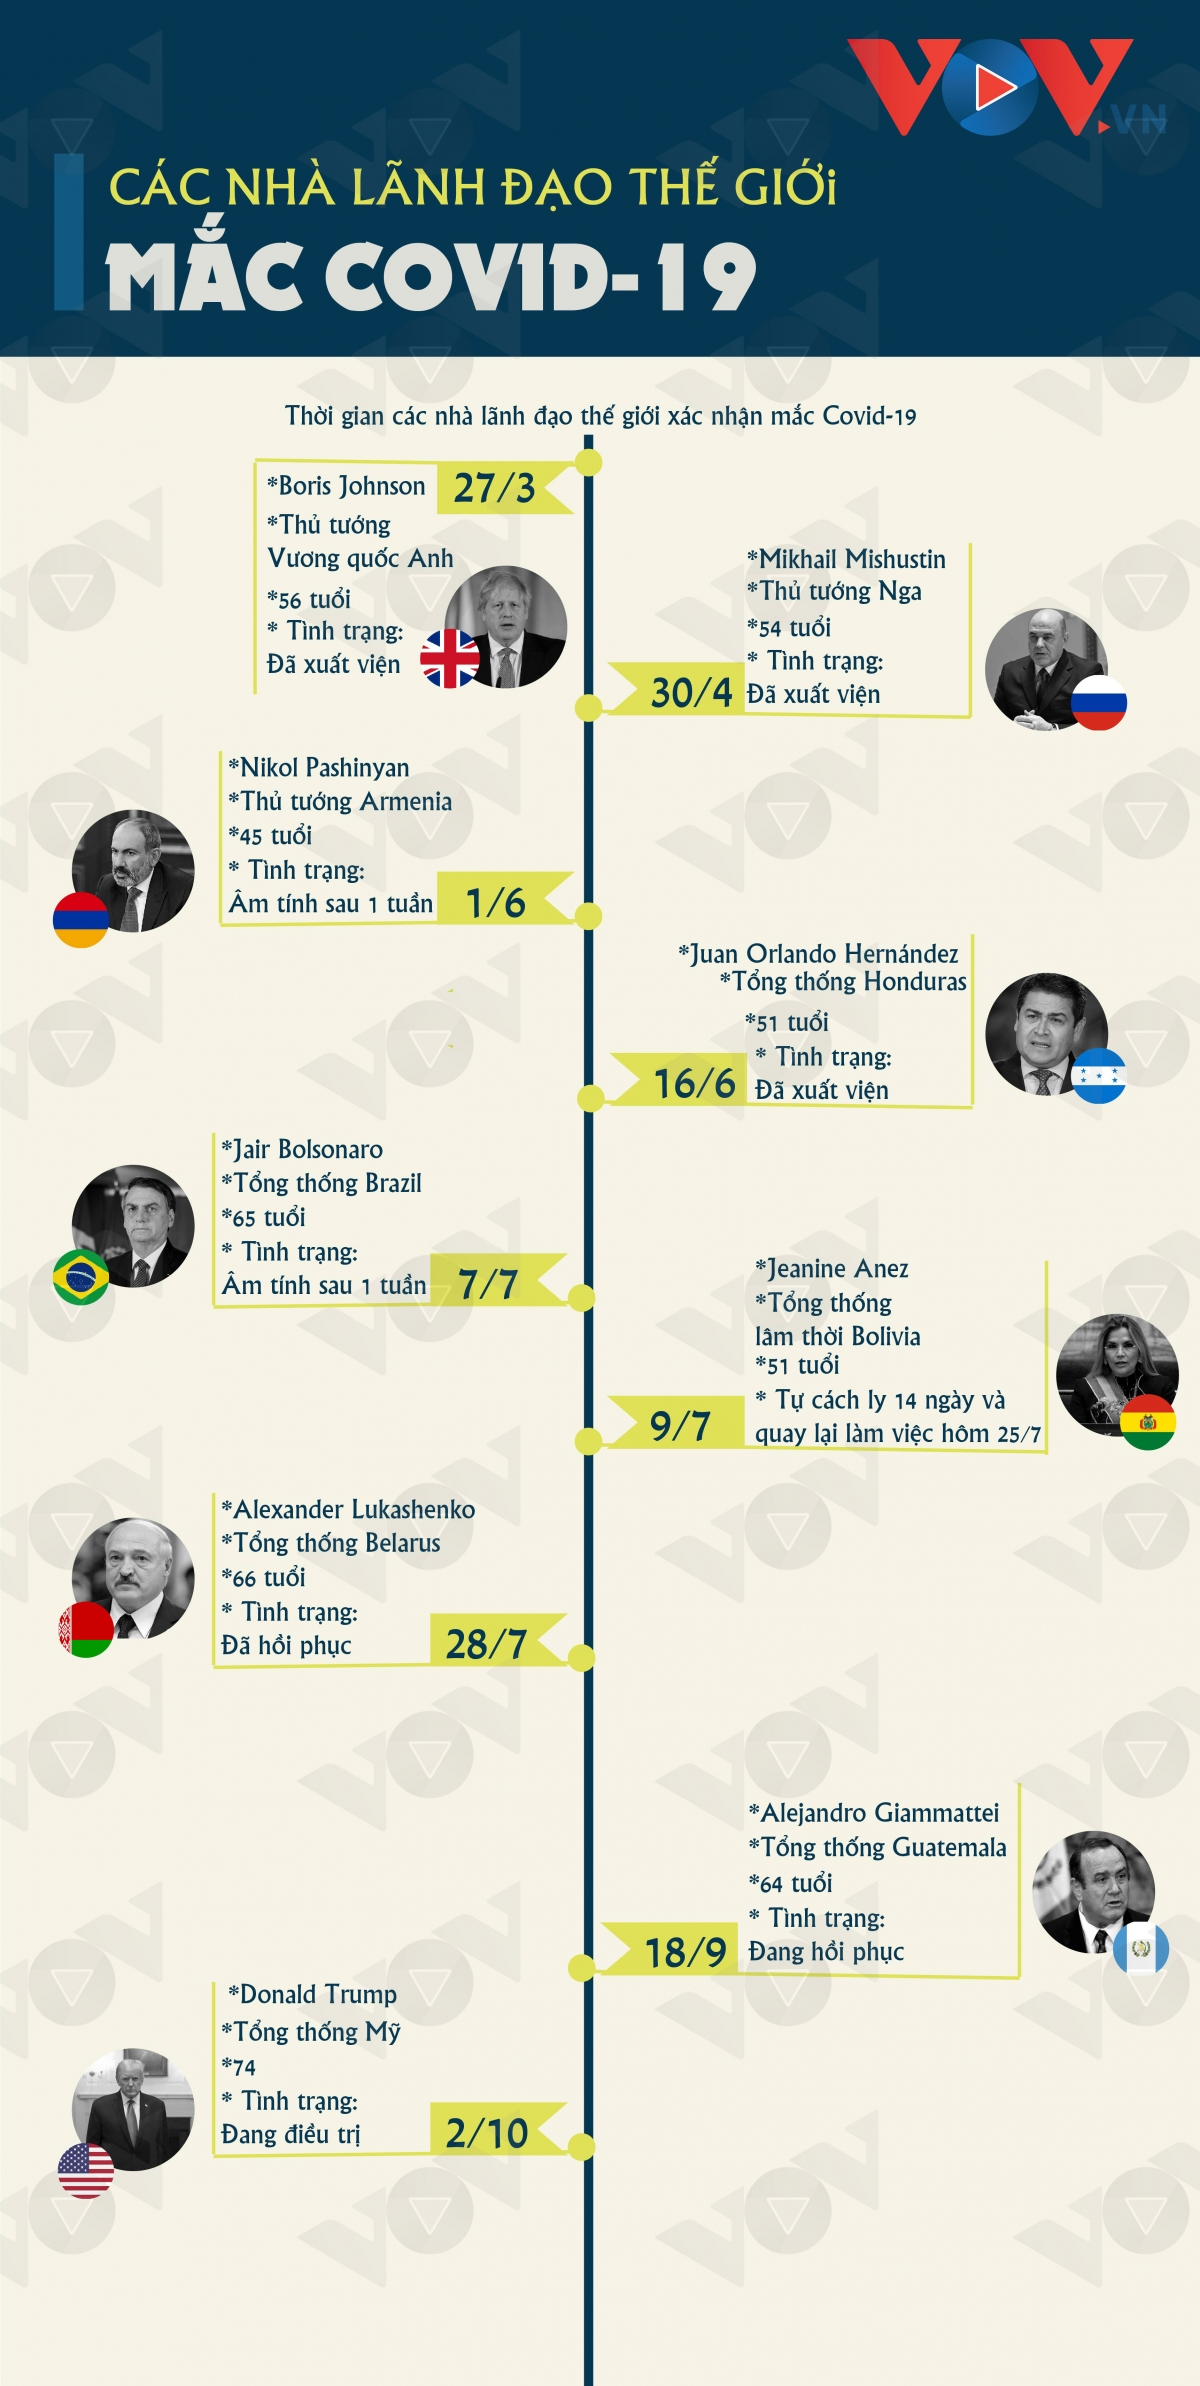 Điểm danh các nhà lãnh đạo trên thế giới mắc Covid-19 - Ảnh 1.